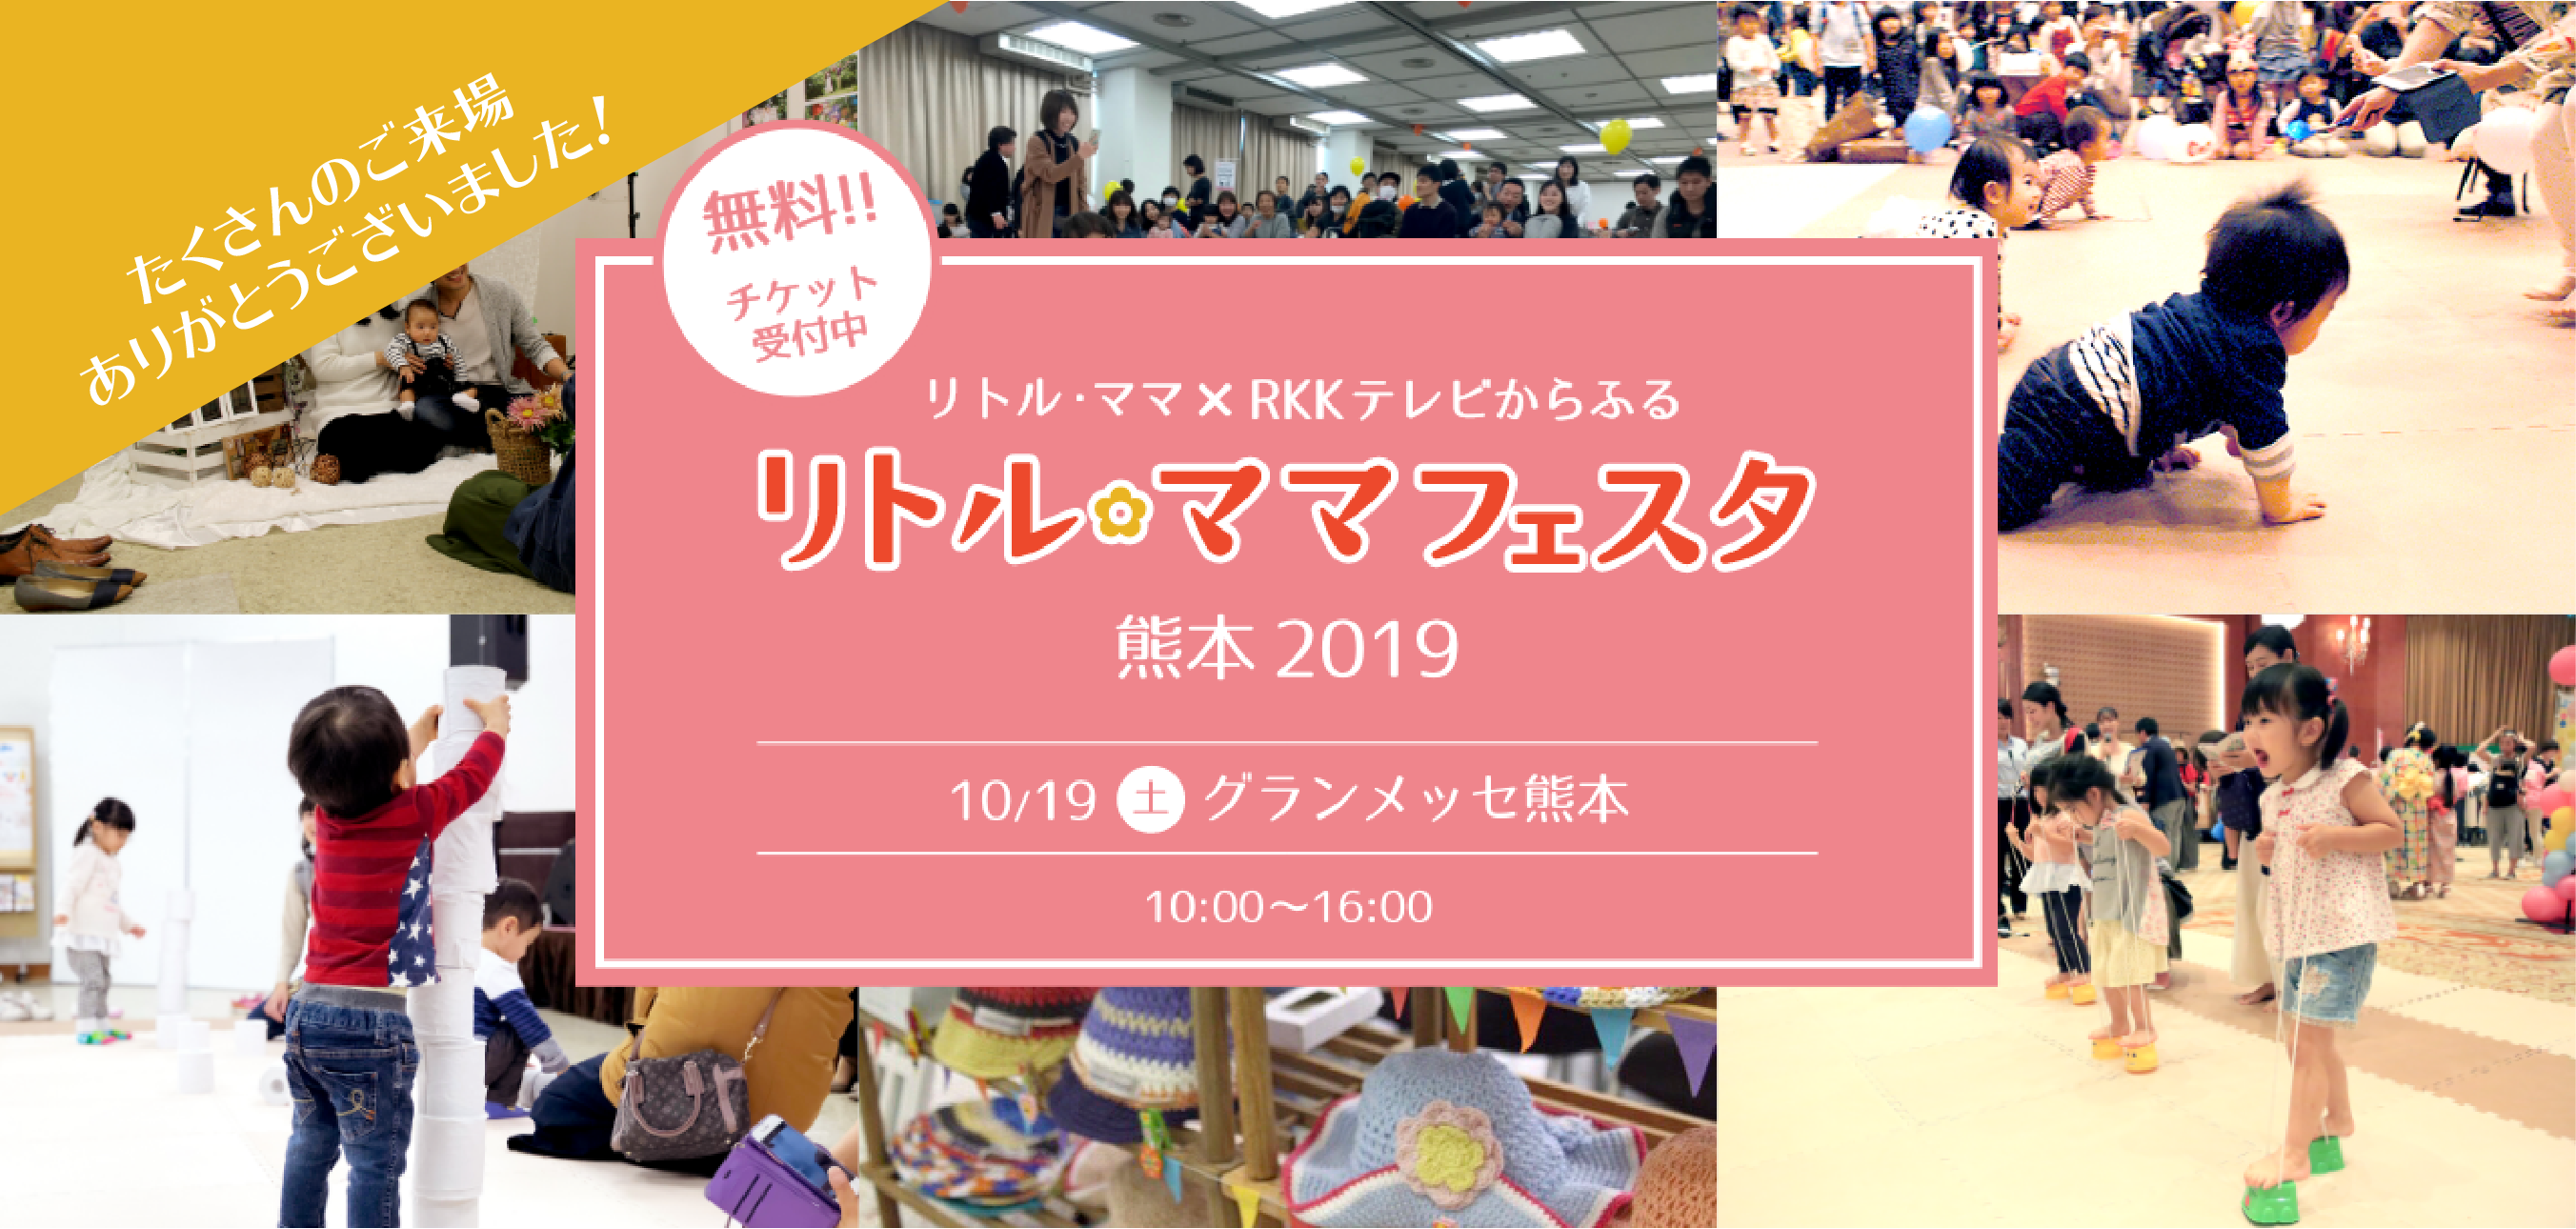 リトル・ママフェスタ熊本2019